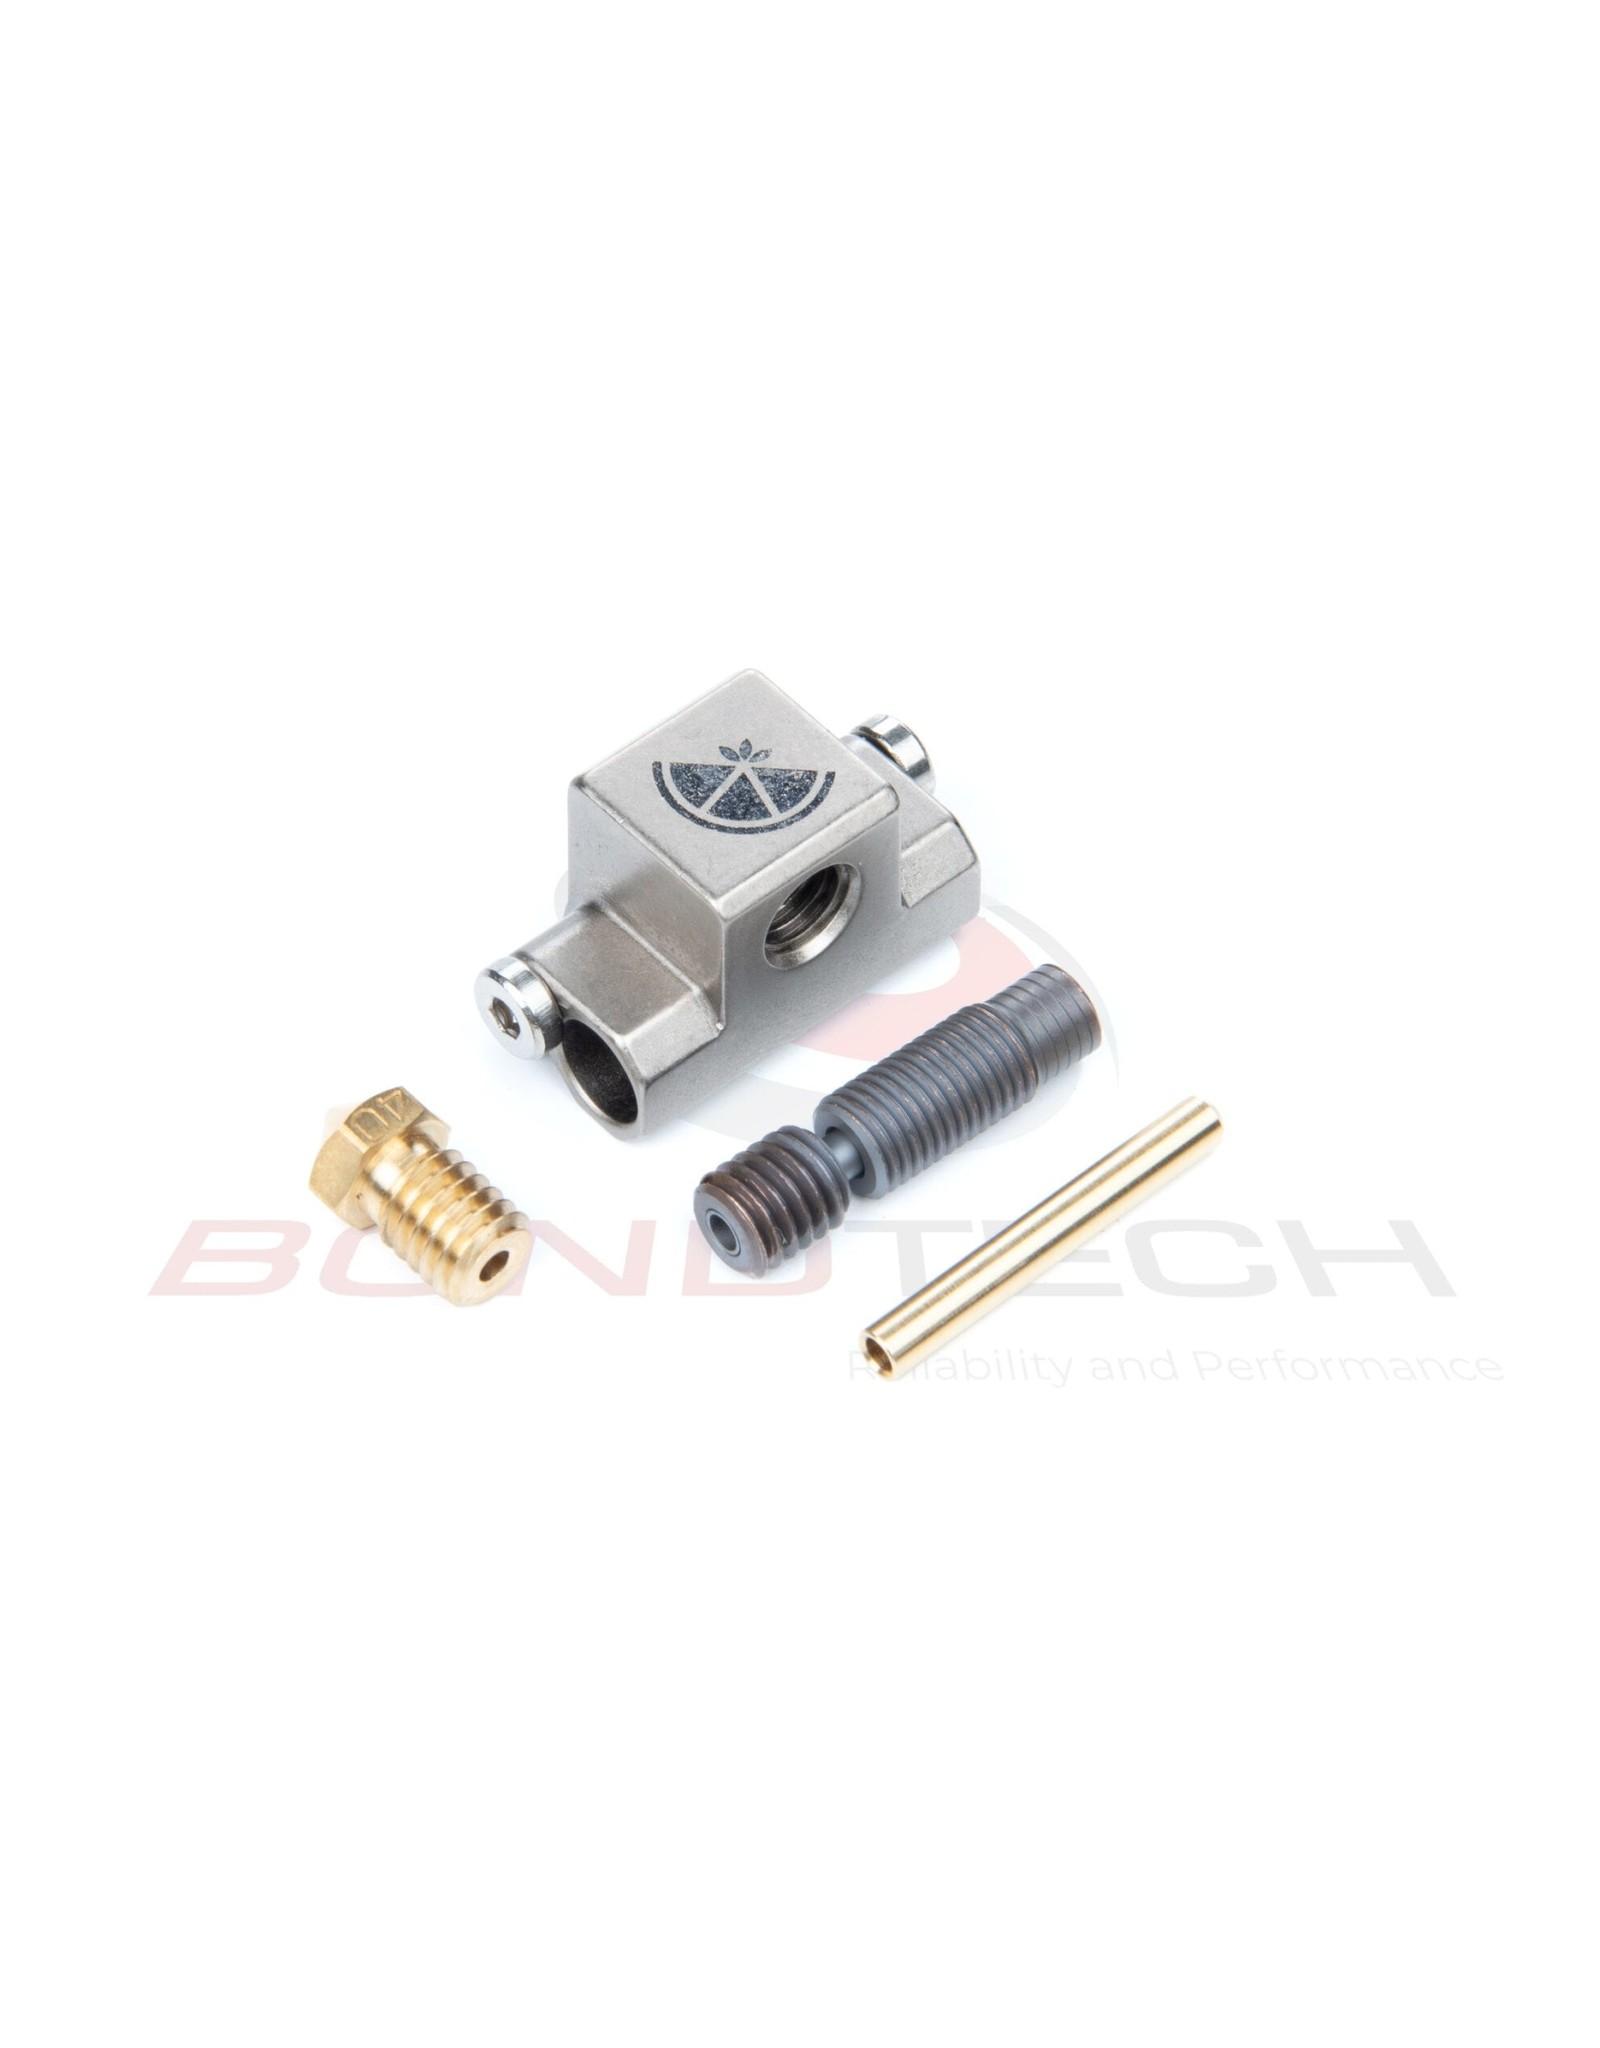 BONDTECH Copperhead™ pourCR-10(S) Pro/Max DDX PH2